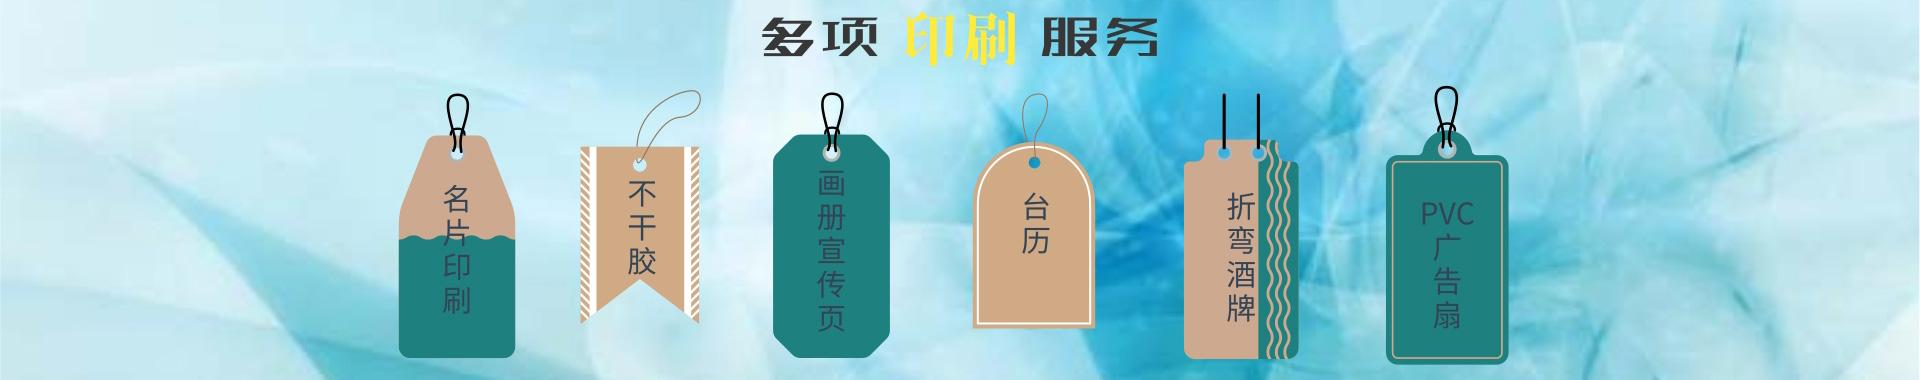 鄭州羅航包裝專業生產制作各種印刷品包裝,歡迎來電選購。